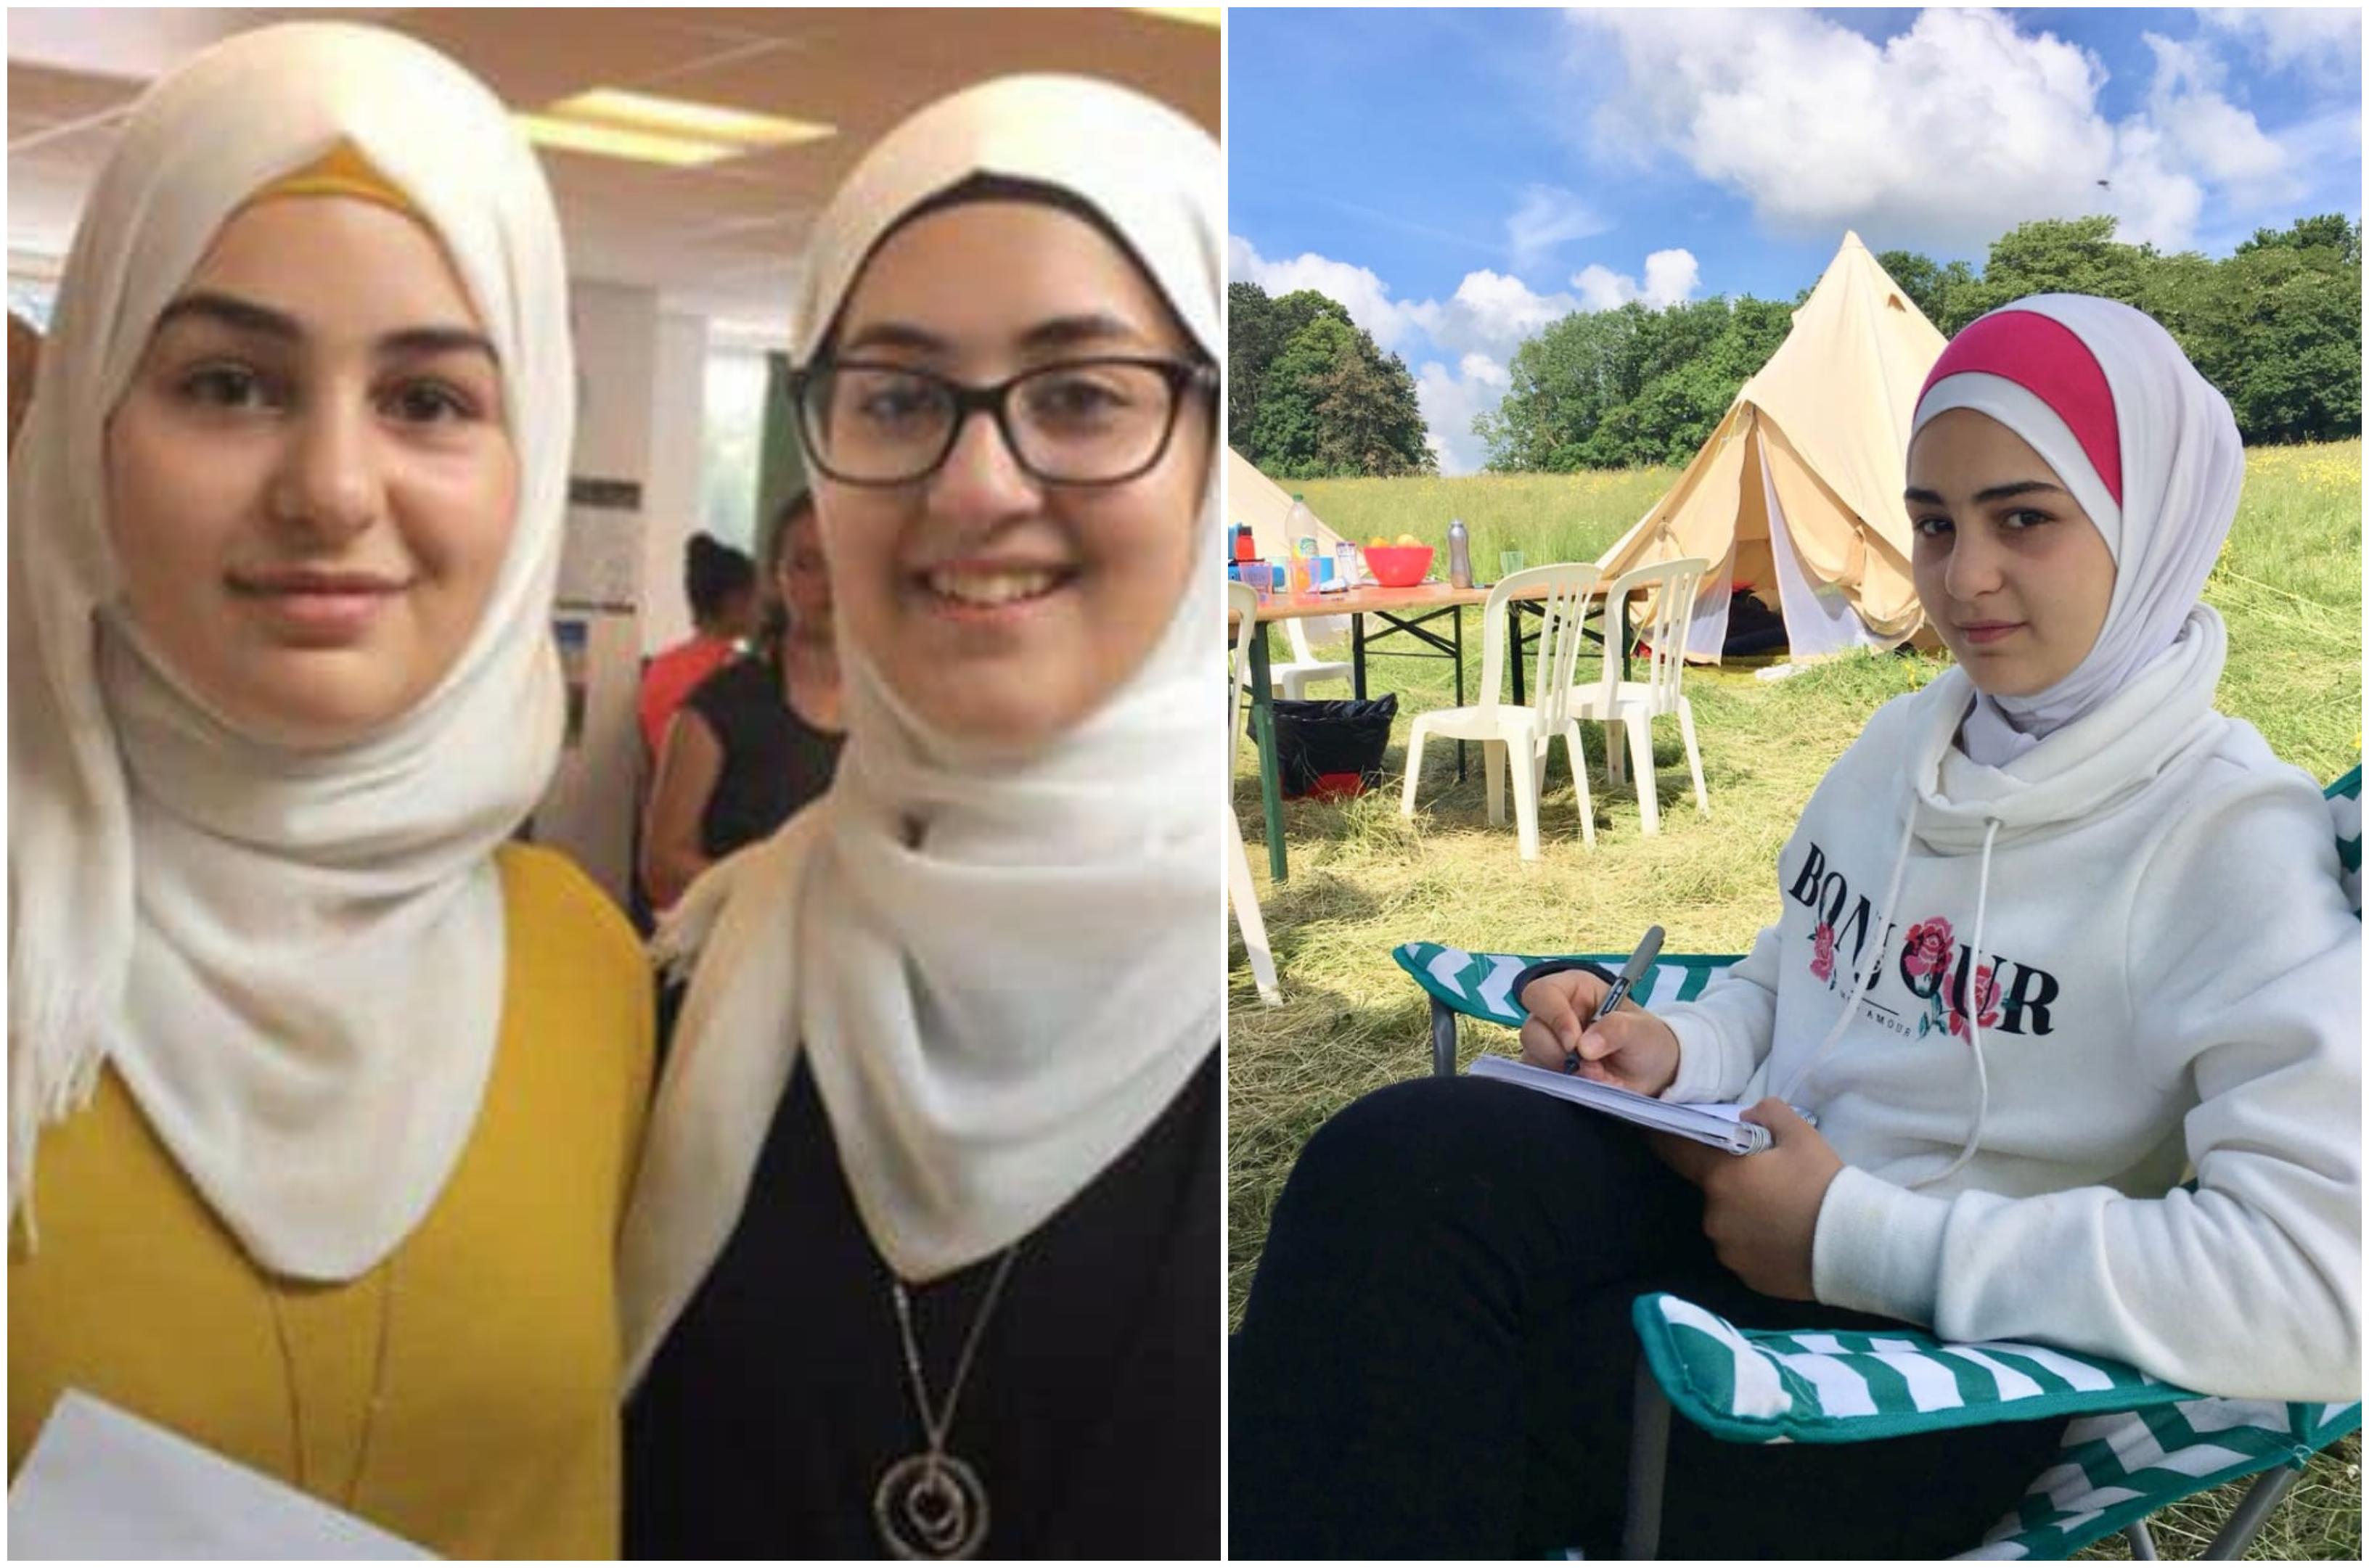 """""""فتون"""" لاجئة سورية كشفت عيوب نظام امتحانات الثانوية في بريطانيا...قصيدتها """"حمائم دمشق"""" دخلت المناهج وحركت الرأي العام"""